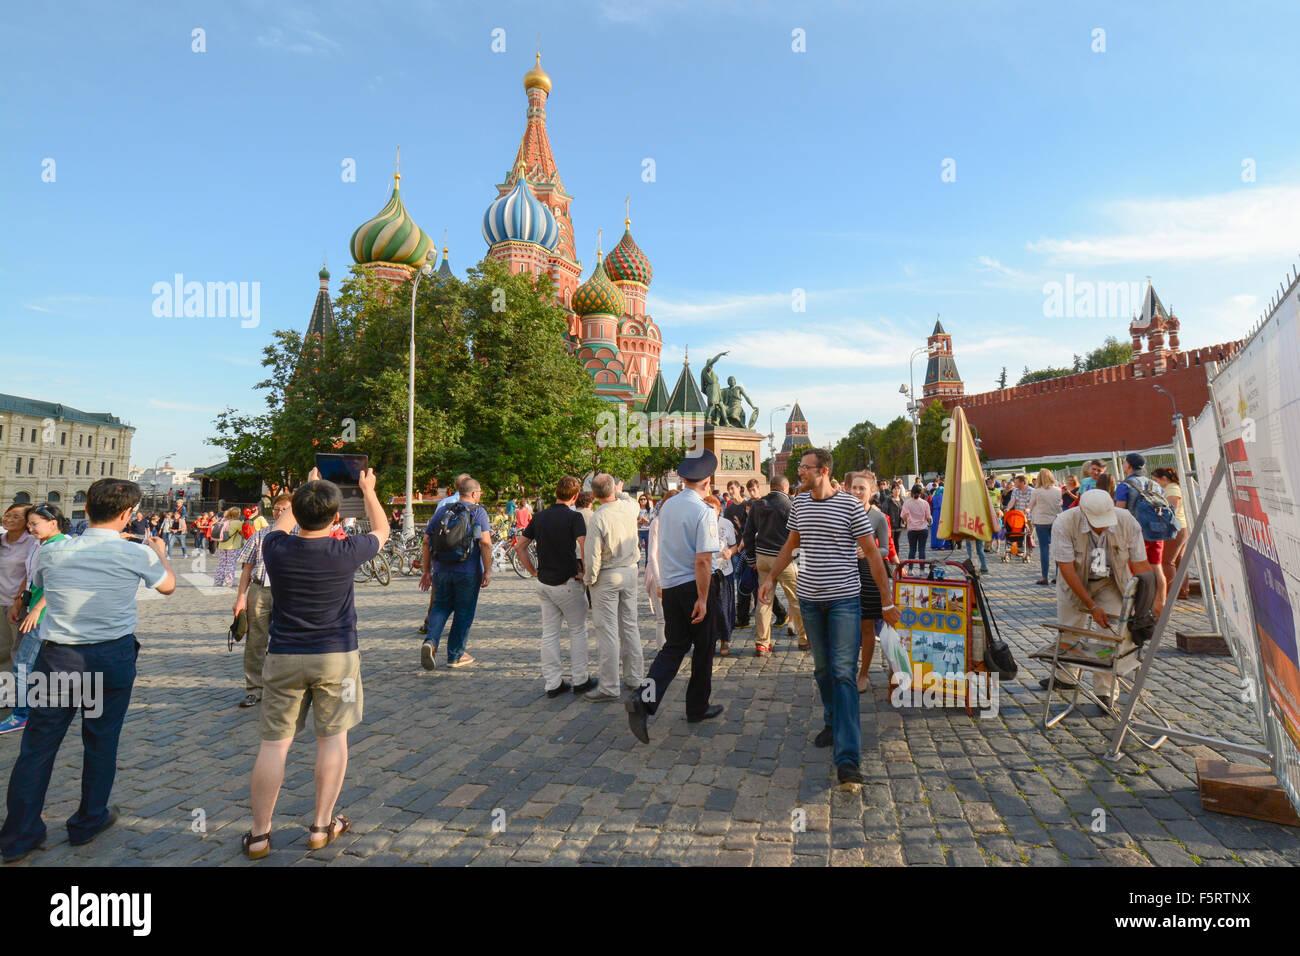 Les touristes à l'extérieur de la Cathédrale St Basile, place Rouge, Moscou, Russie Photo Stock